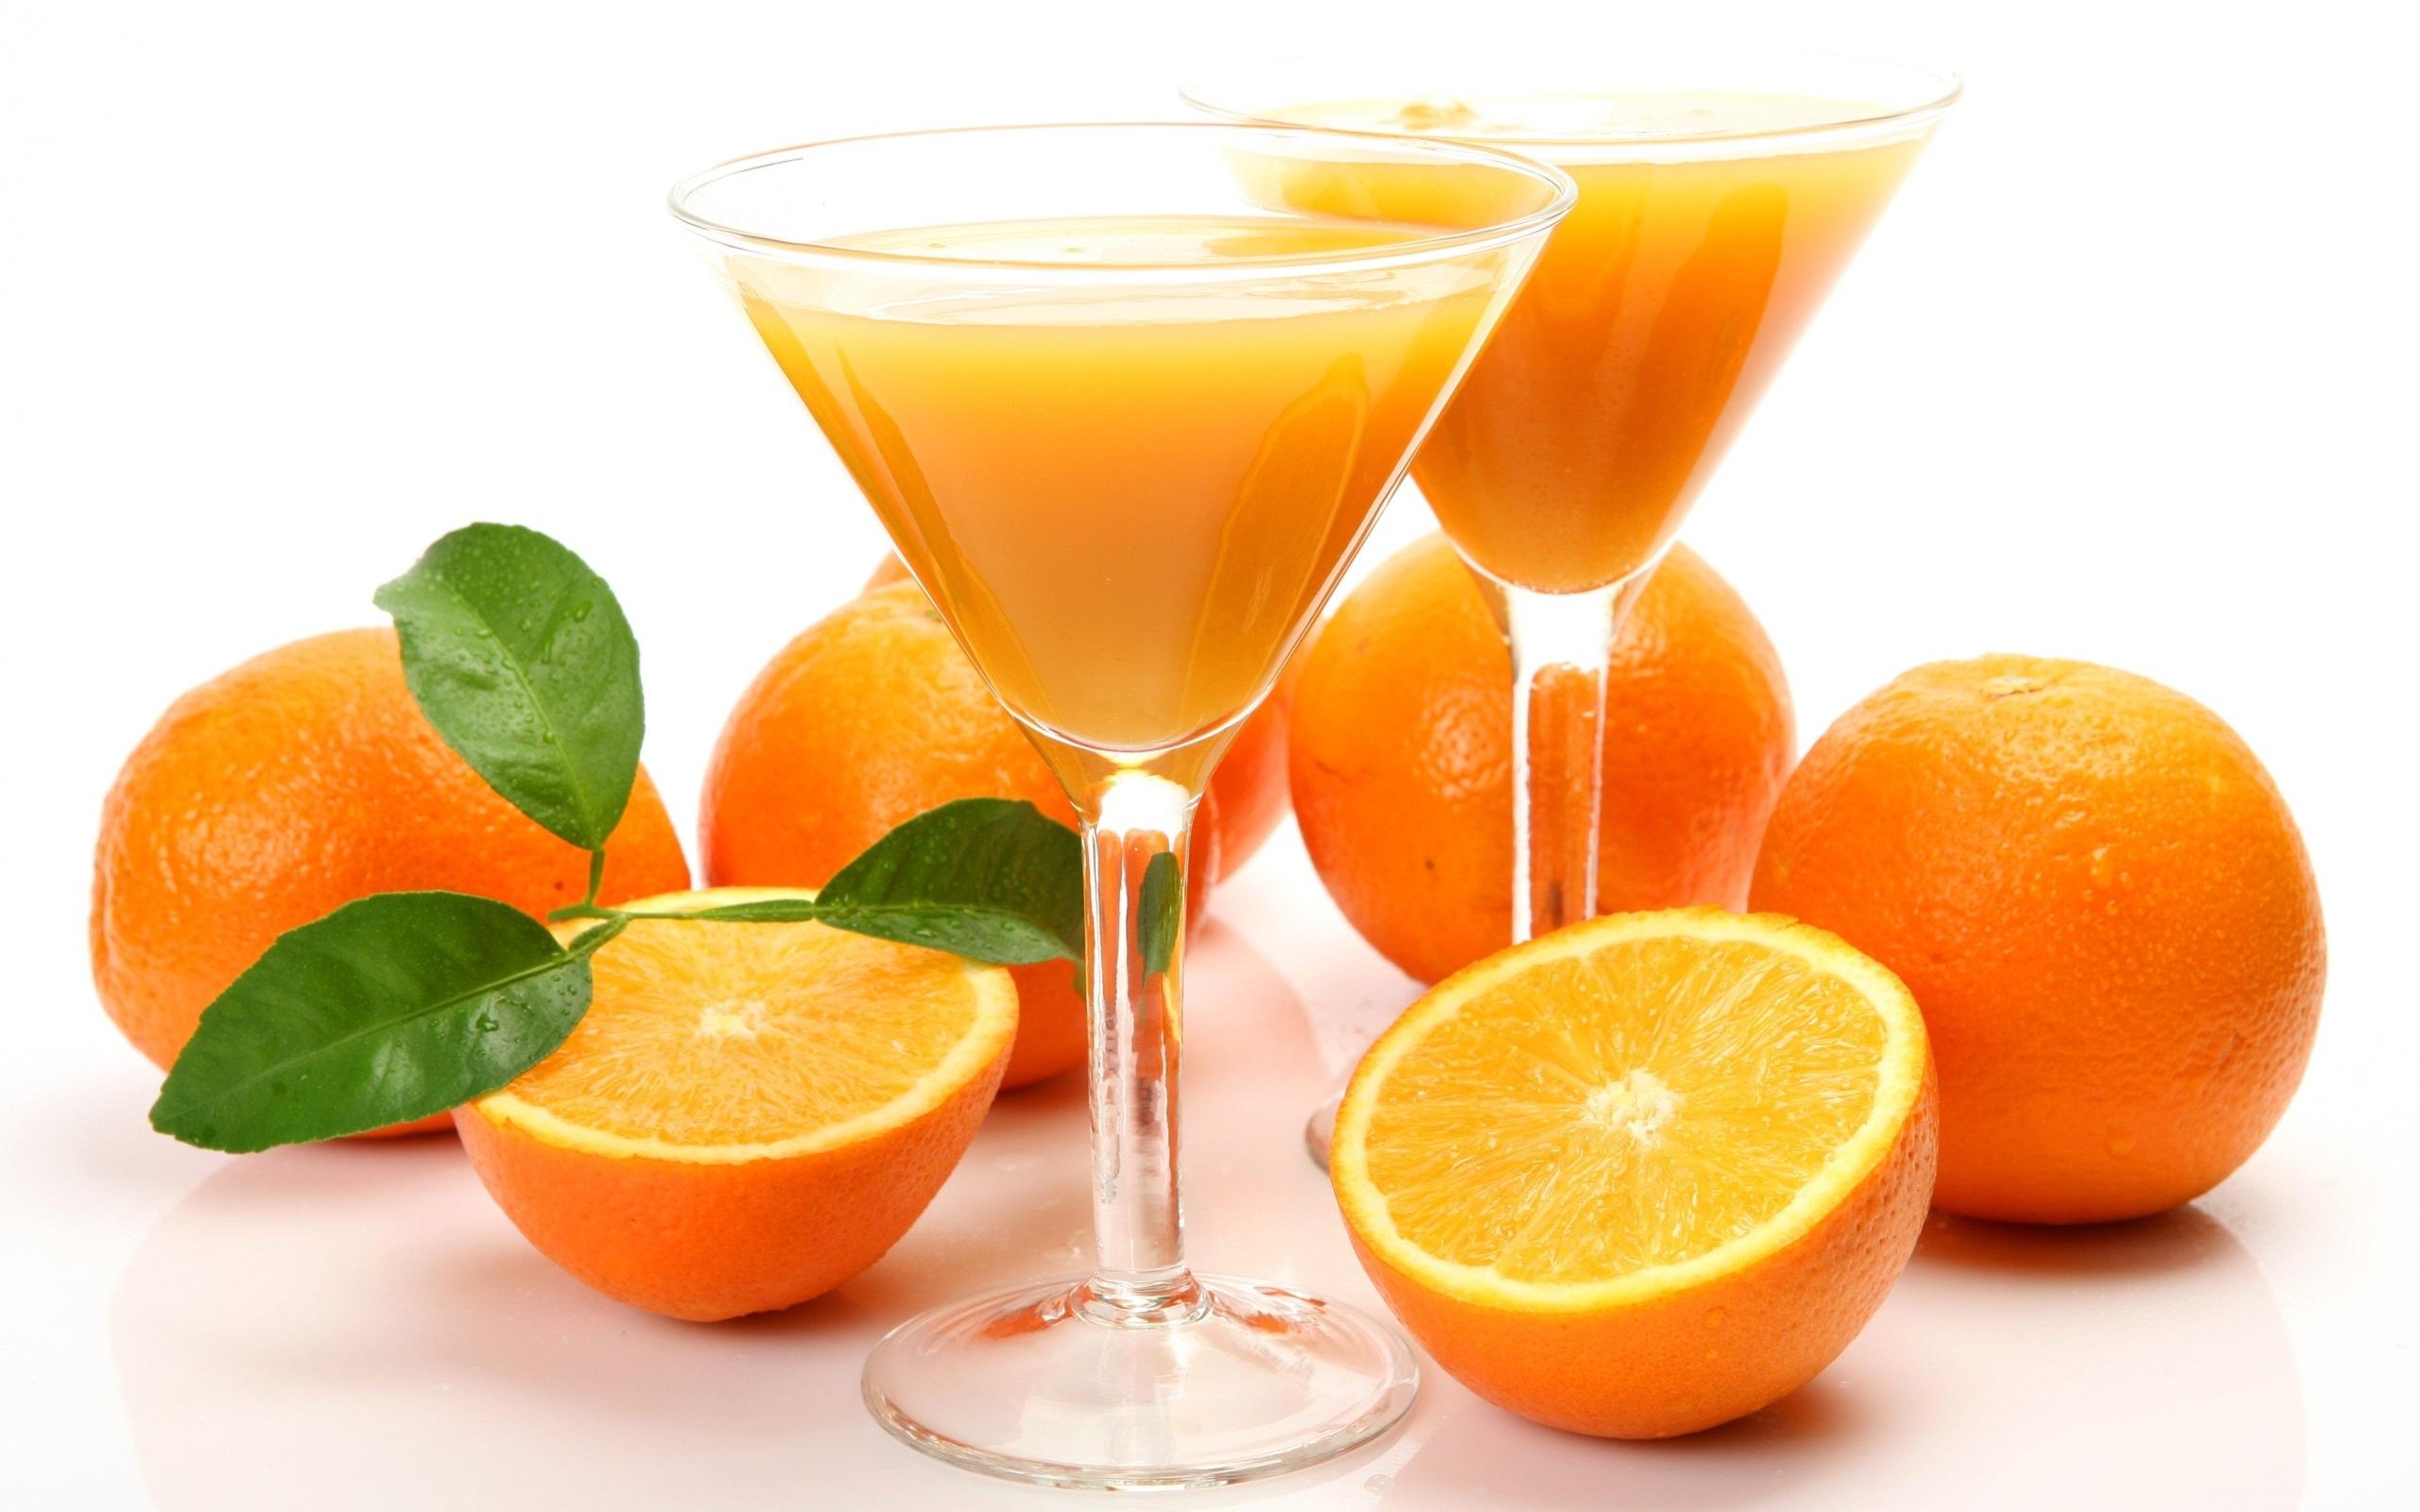 anrancia aranciata spremuta katia marozzi nutrizionista ascoli piceno